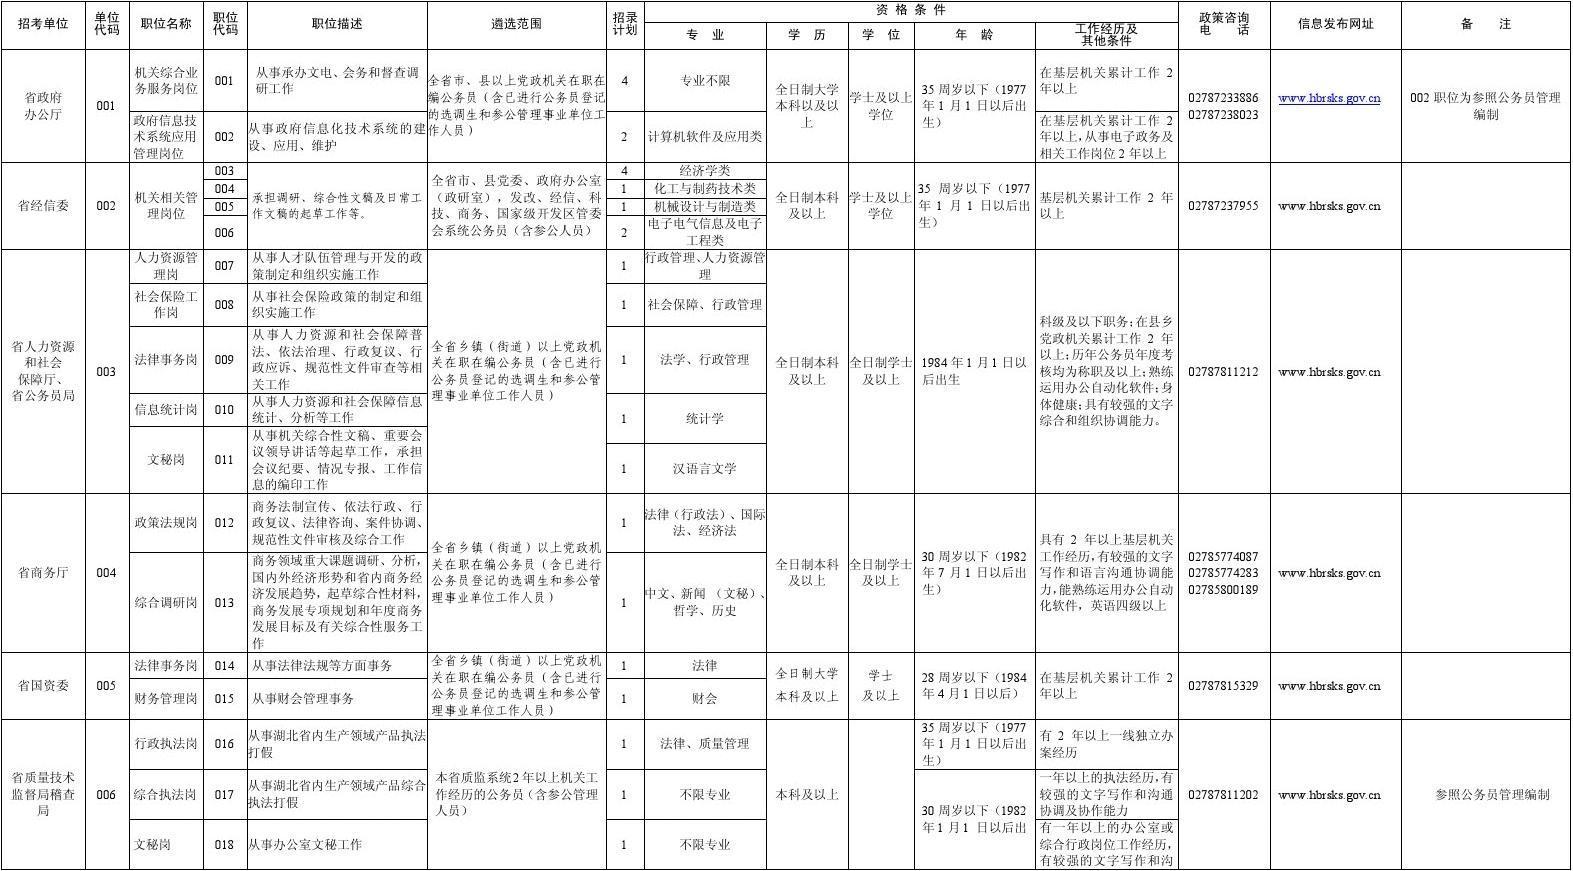 2012湖北省省直行政机关公开遴选公务员遴选